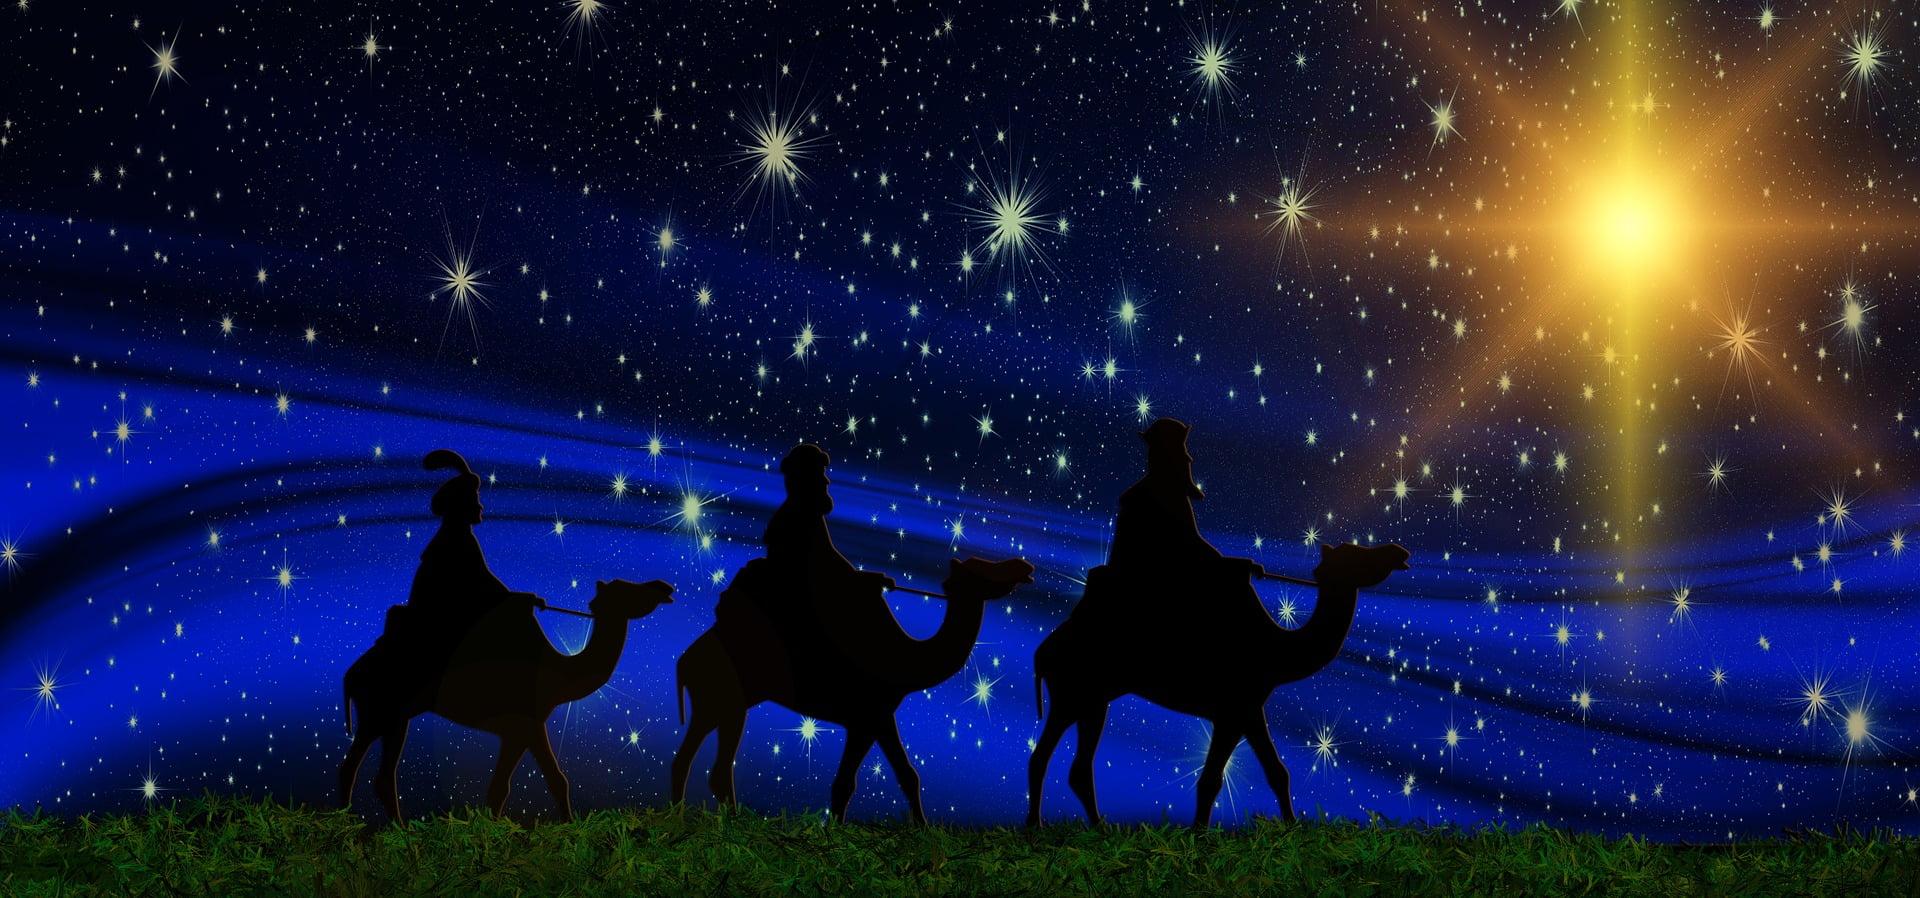 christmas-934177_1920